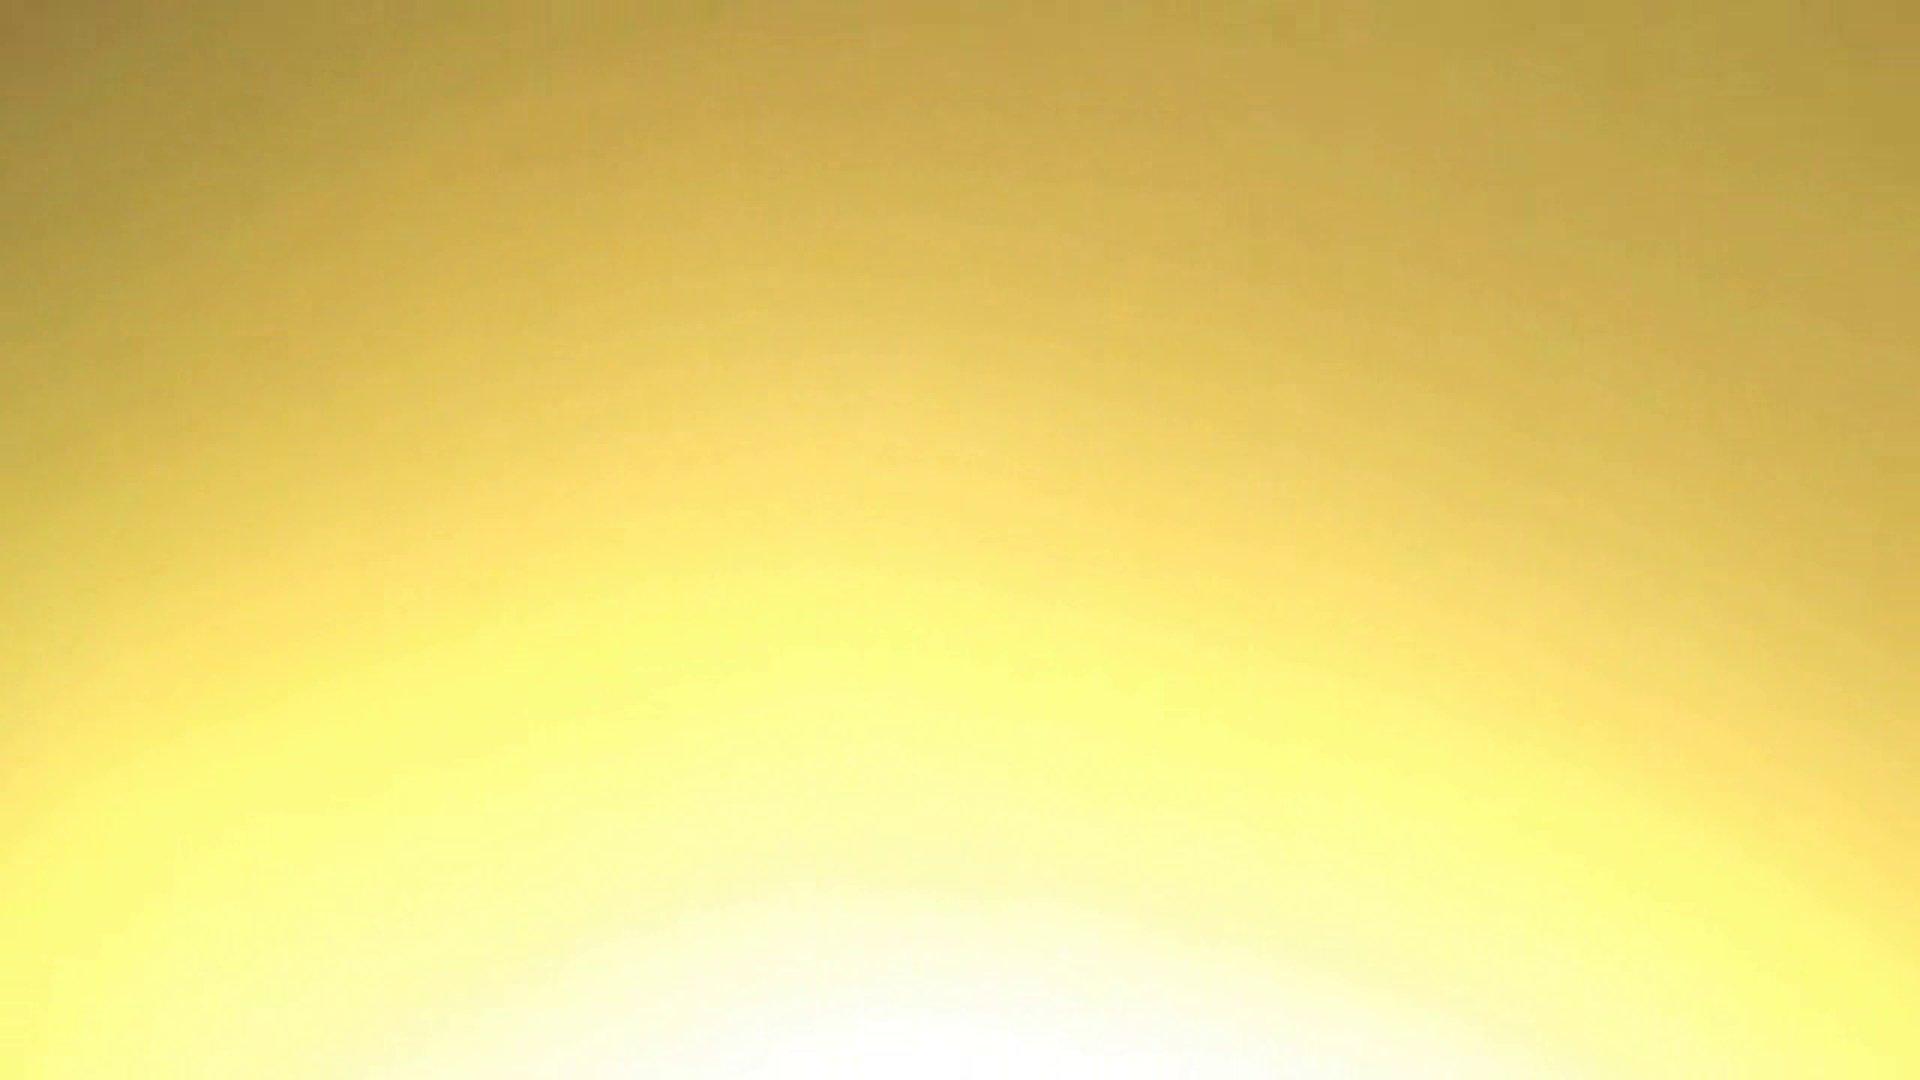 ドラゴン2世 チャラ男の個人撮影 Vol.06 超かわいい彼女 ゆいか 18才 Part.03 ついにハメ撮り ホテル潜入 | 美少女ヌード  99pic 12